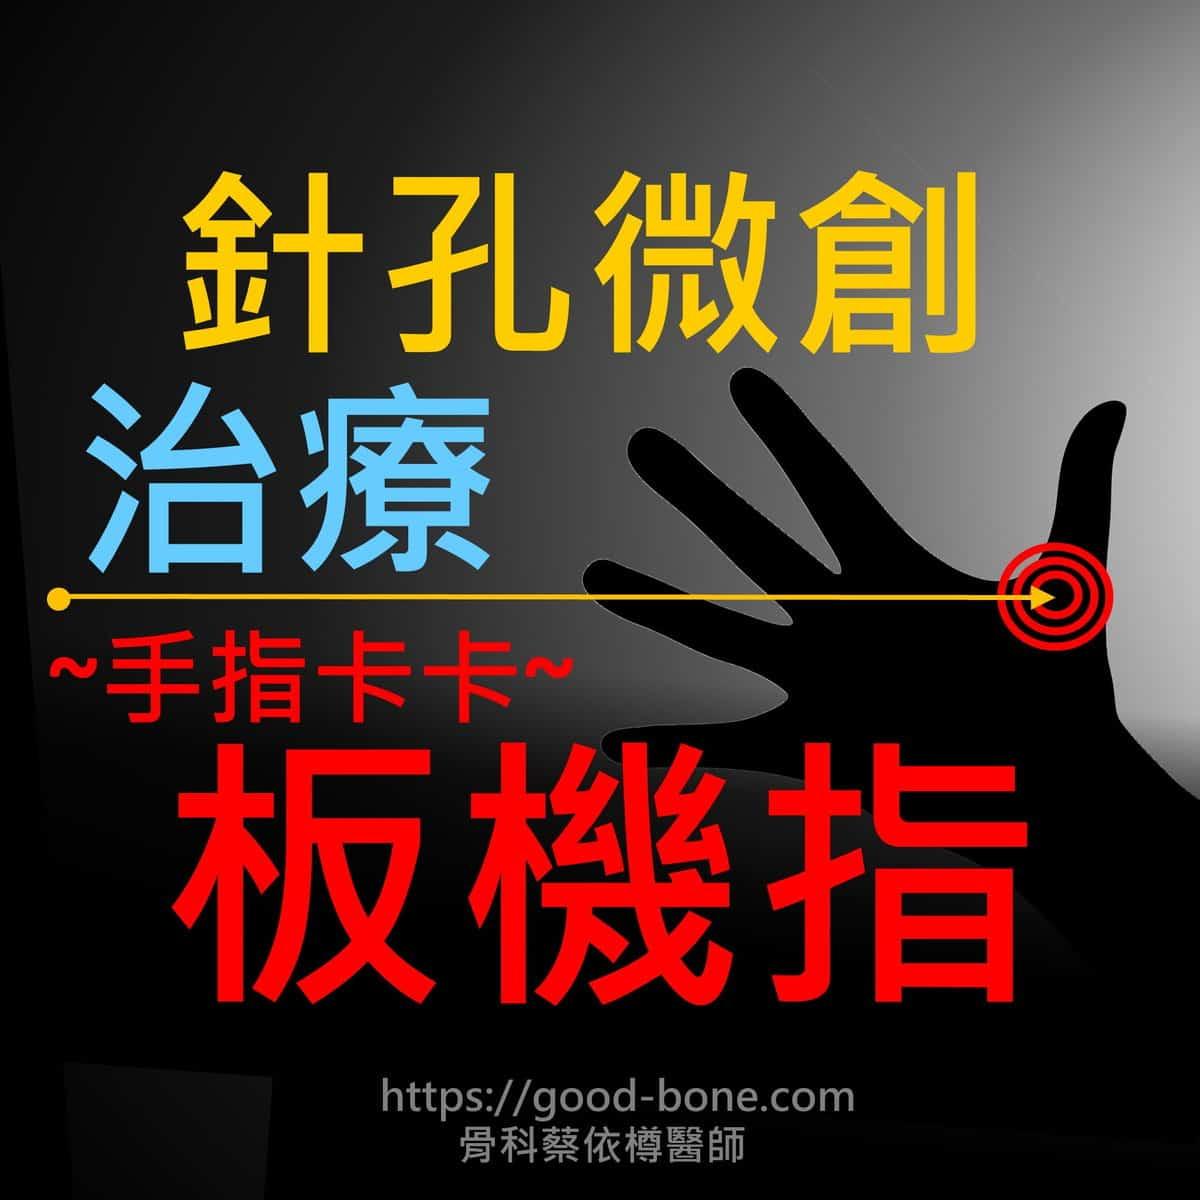 針孔微創治療手指卡卡板機指|疼痛注射專家、超音波導引PRP增生治療、專業骨科推薦|台中骨科蔡依樽醫師https://good-bone.com